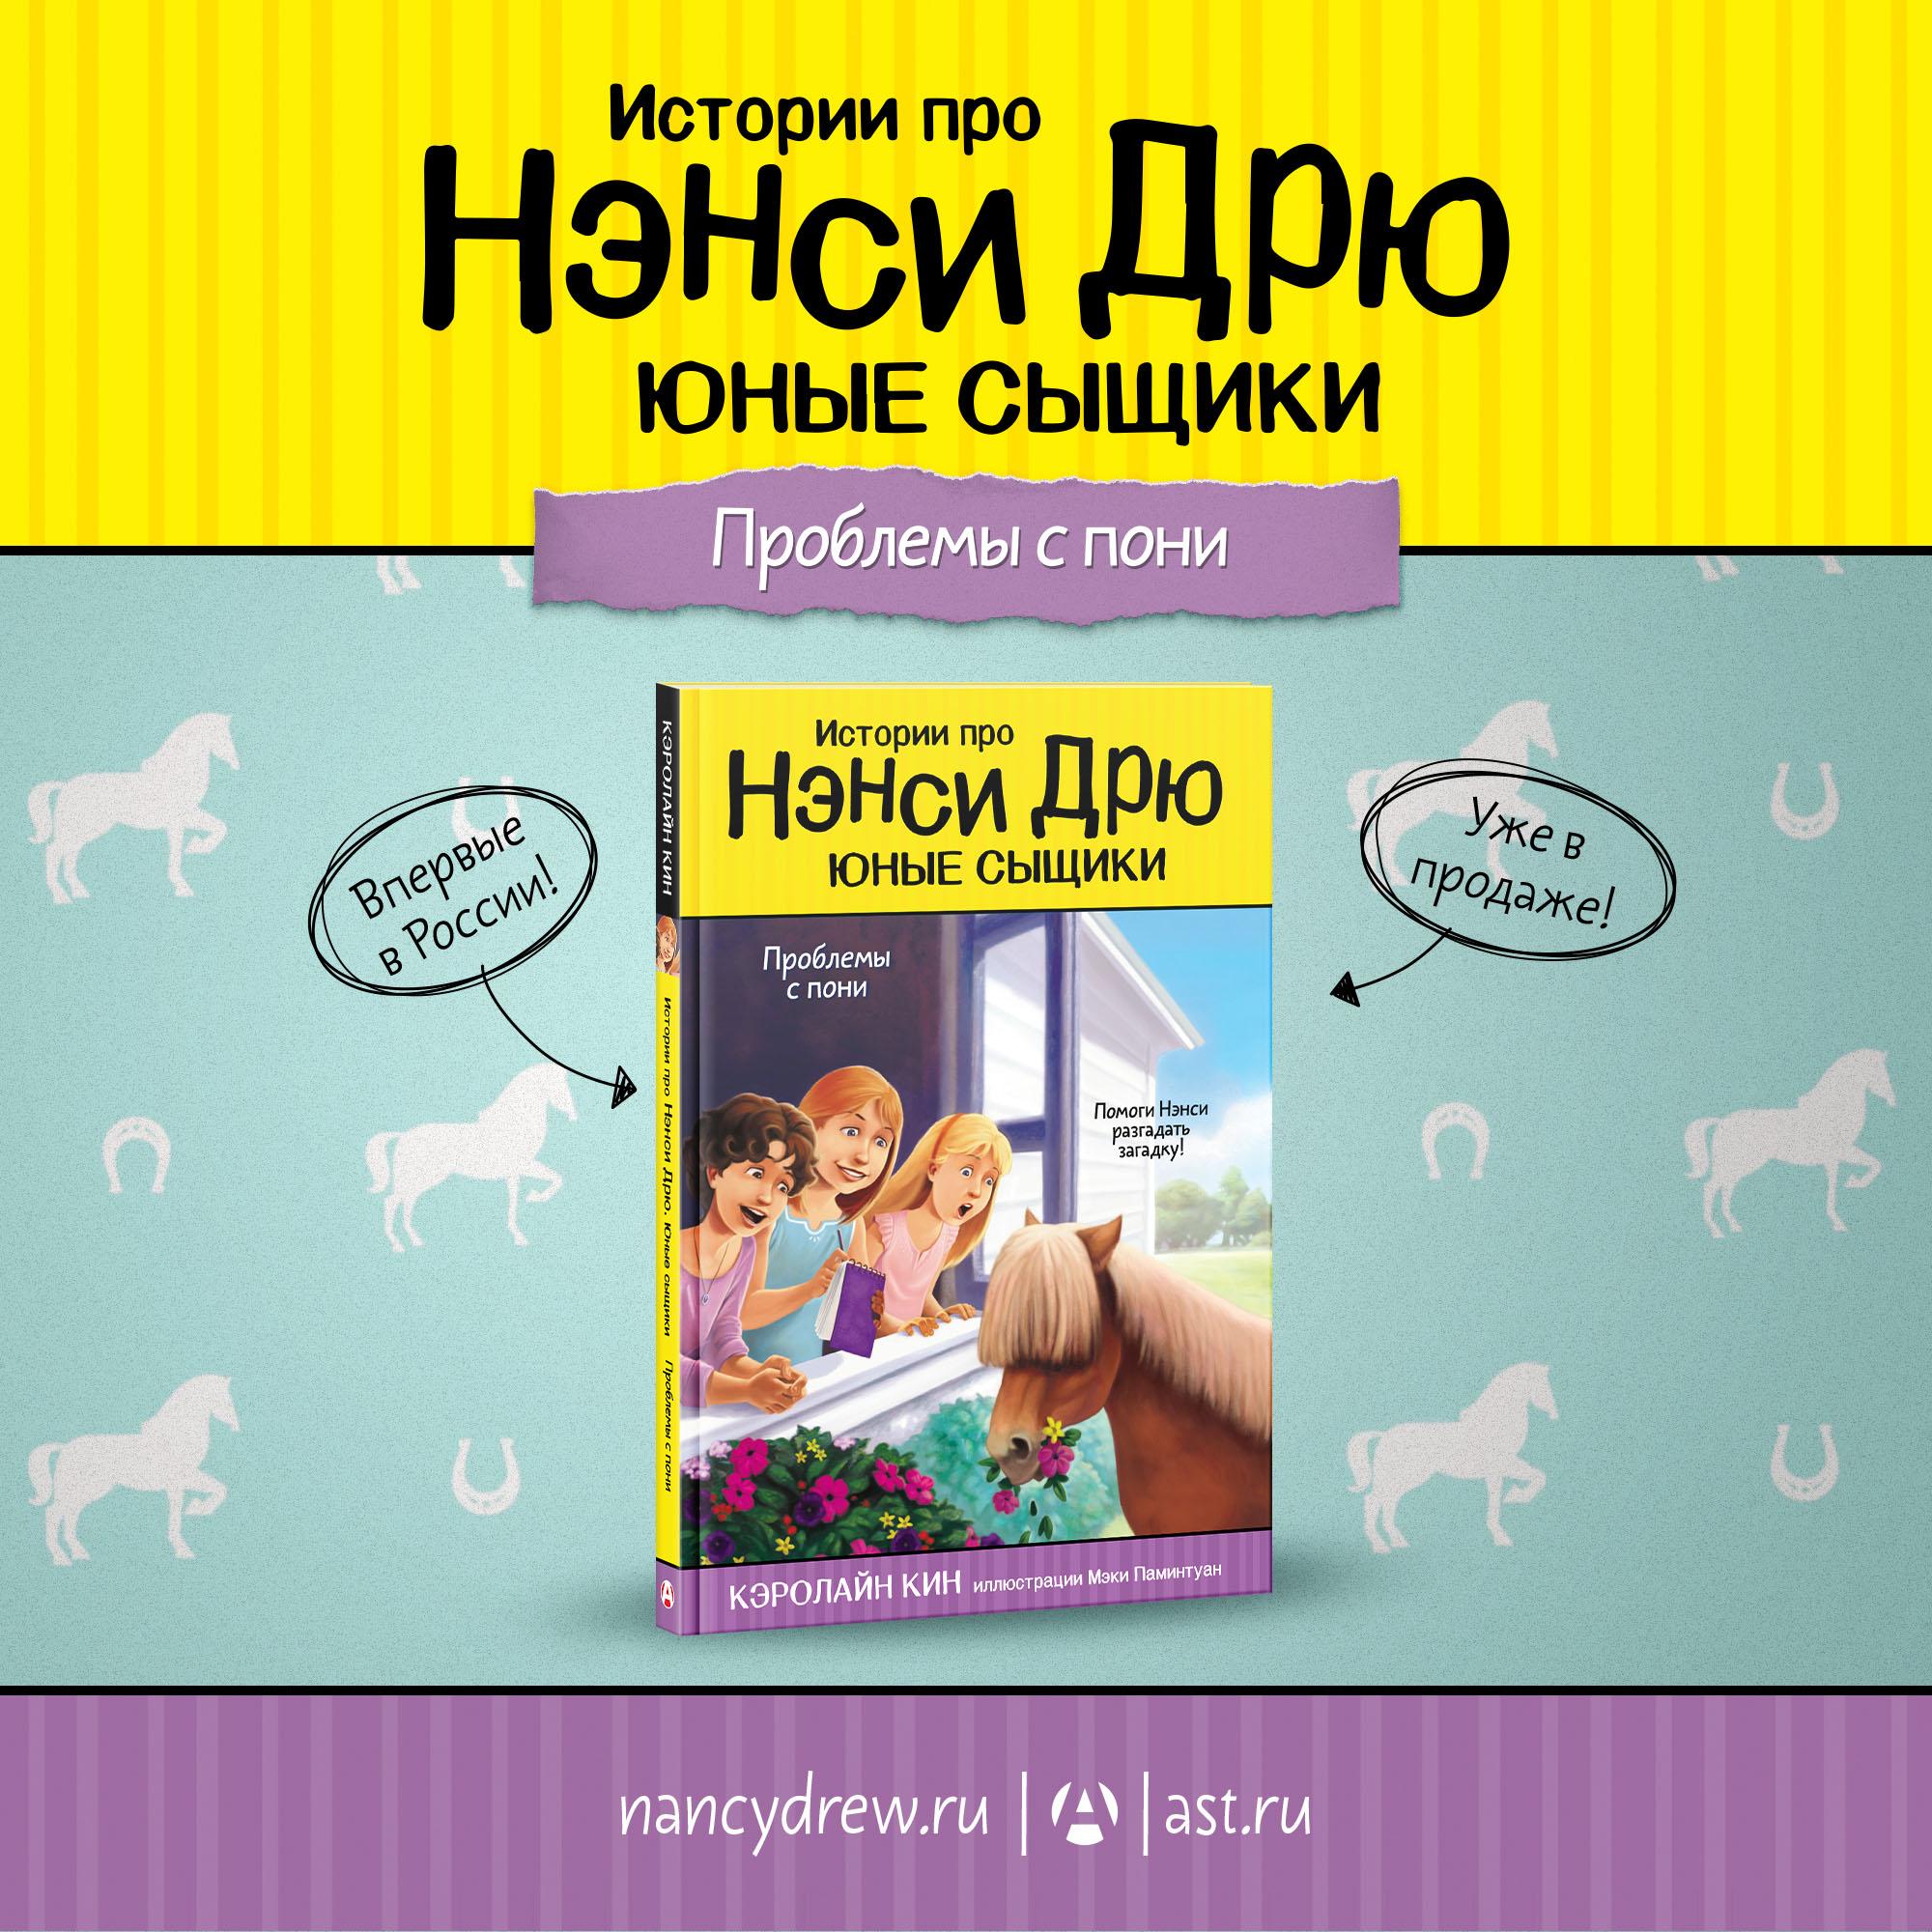 Нэнси Дрю и проблемы с пони» — уже в продаже!